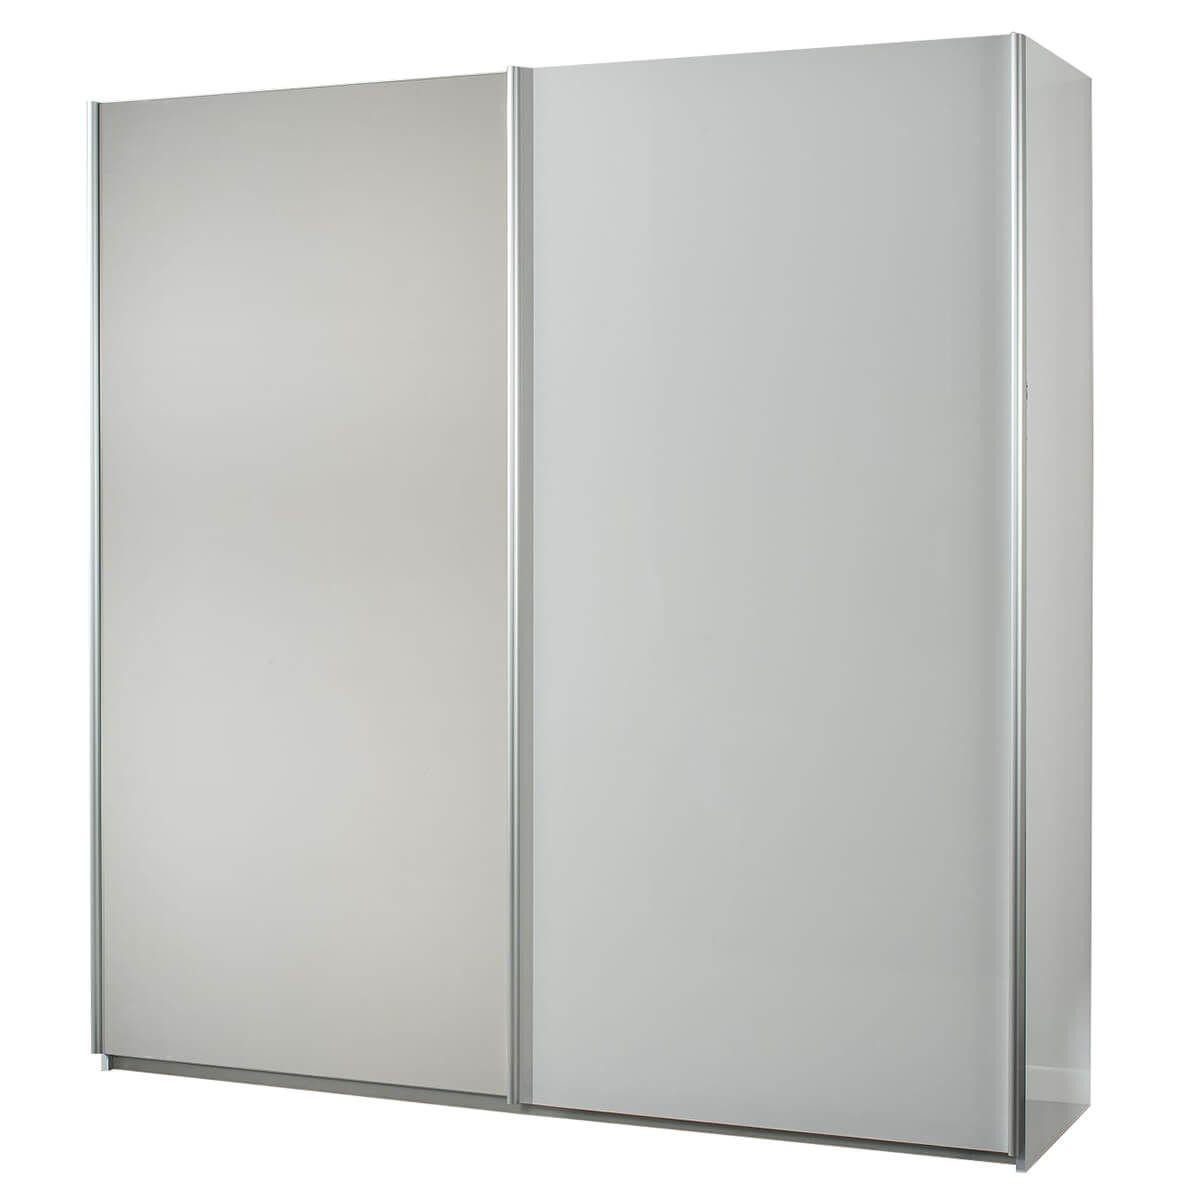 Altobuy IZIA BLANCHE - Armoire 2 Portes Coulissantes avec Miroir